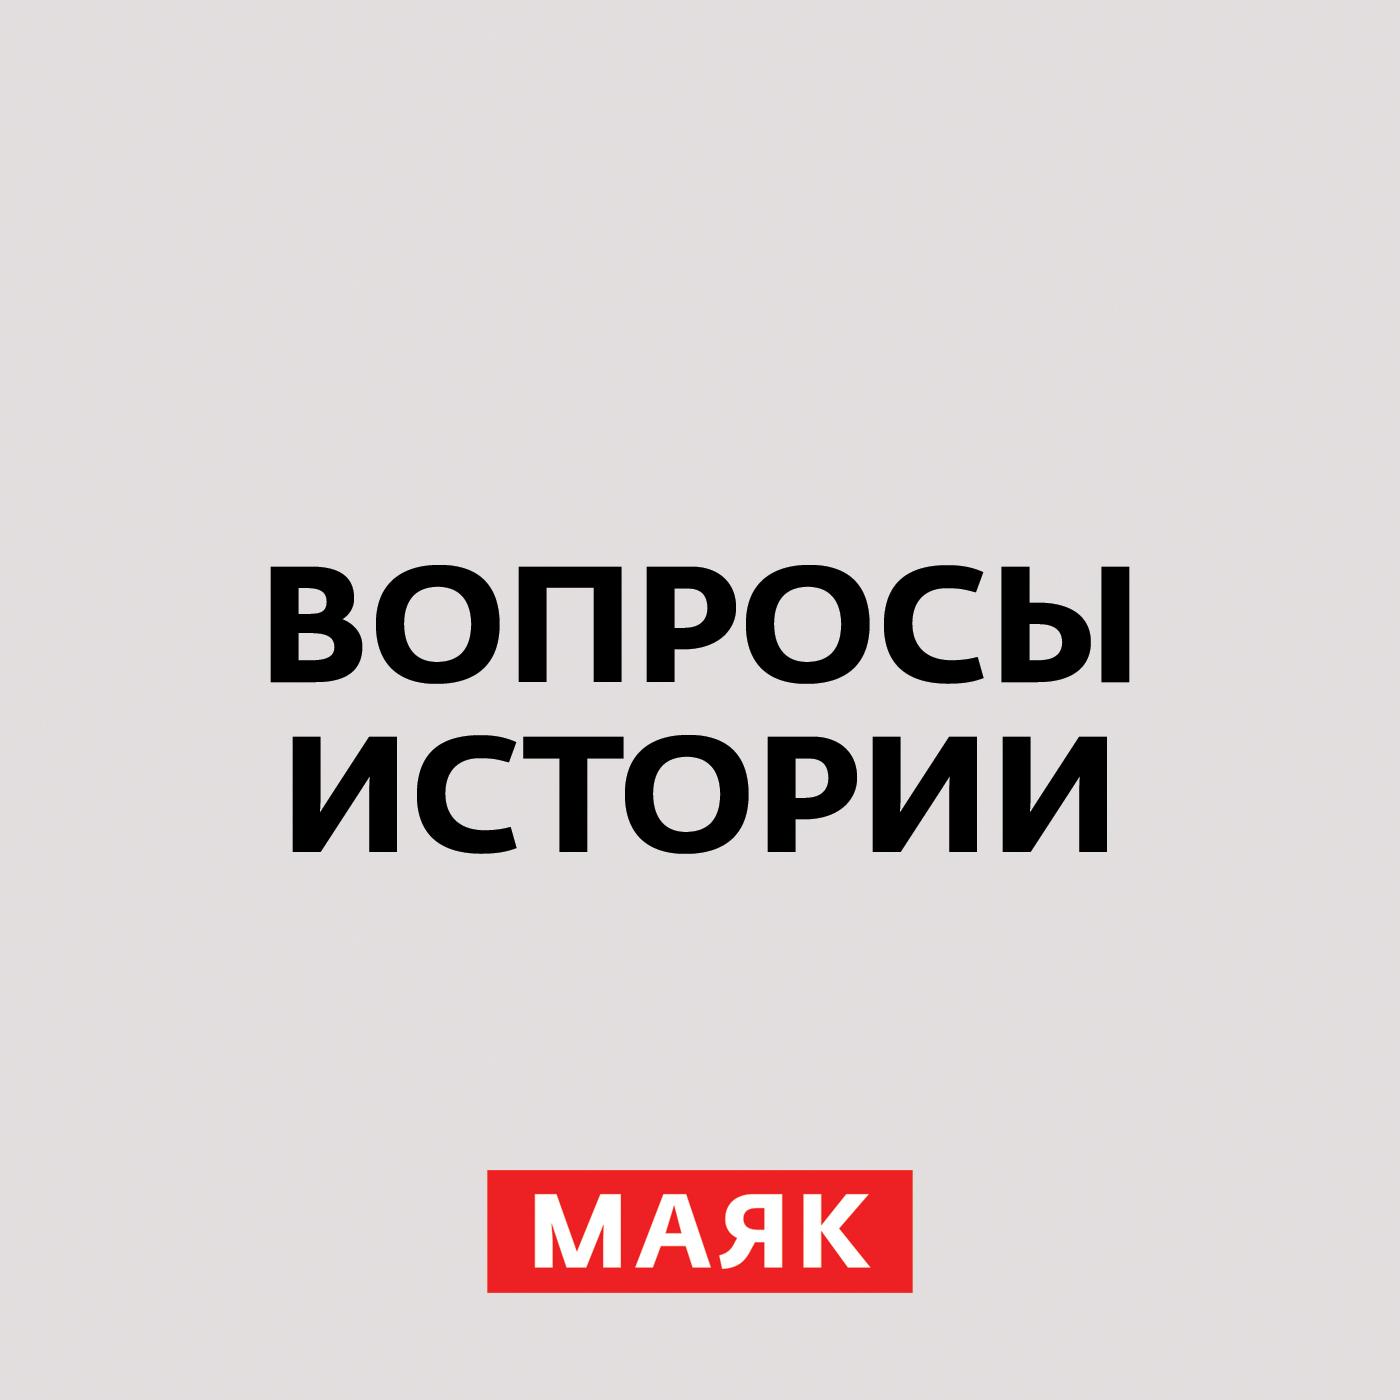 Фото - Андрей Светенко Экономика СССР в 1941 году гатчинский парк уголок зверинца андрей ушин ксилография ссср ленинград 1956 год